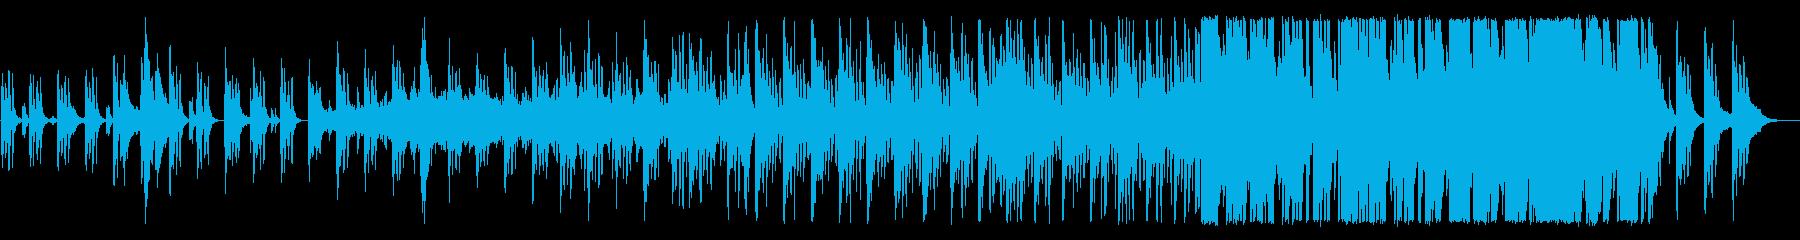 幻想的オーケストラの再生済みの波形